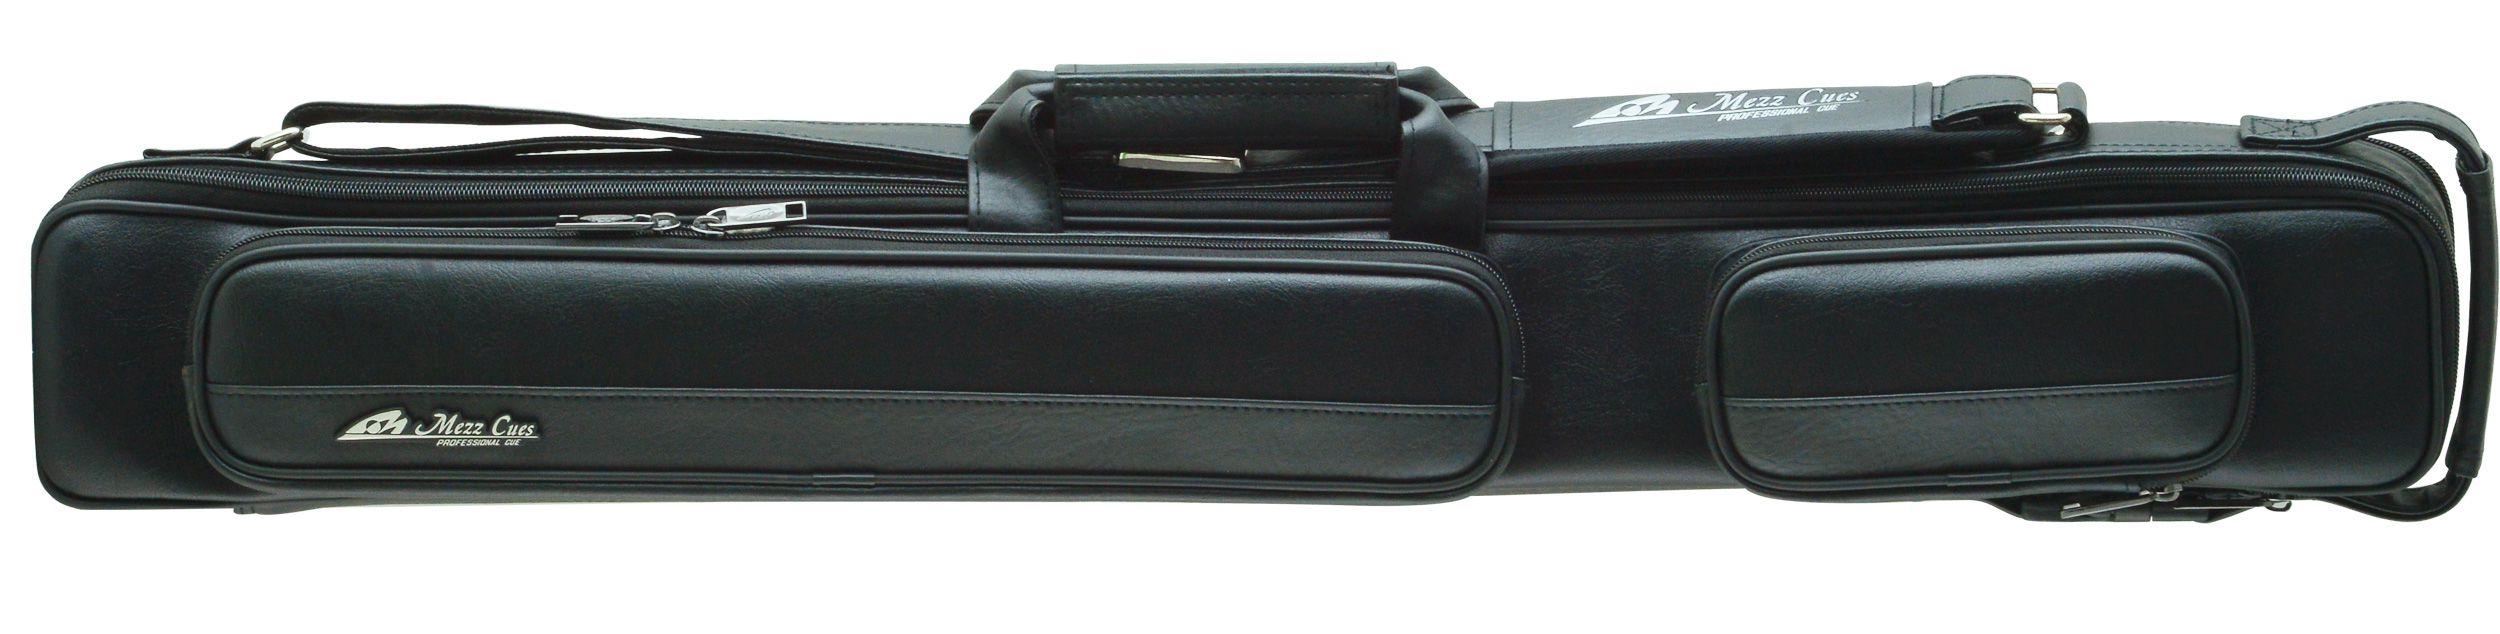 キューケース mz-24k 黒 ブラック (バット2本シャフト4本収納) 商品画像